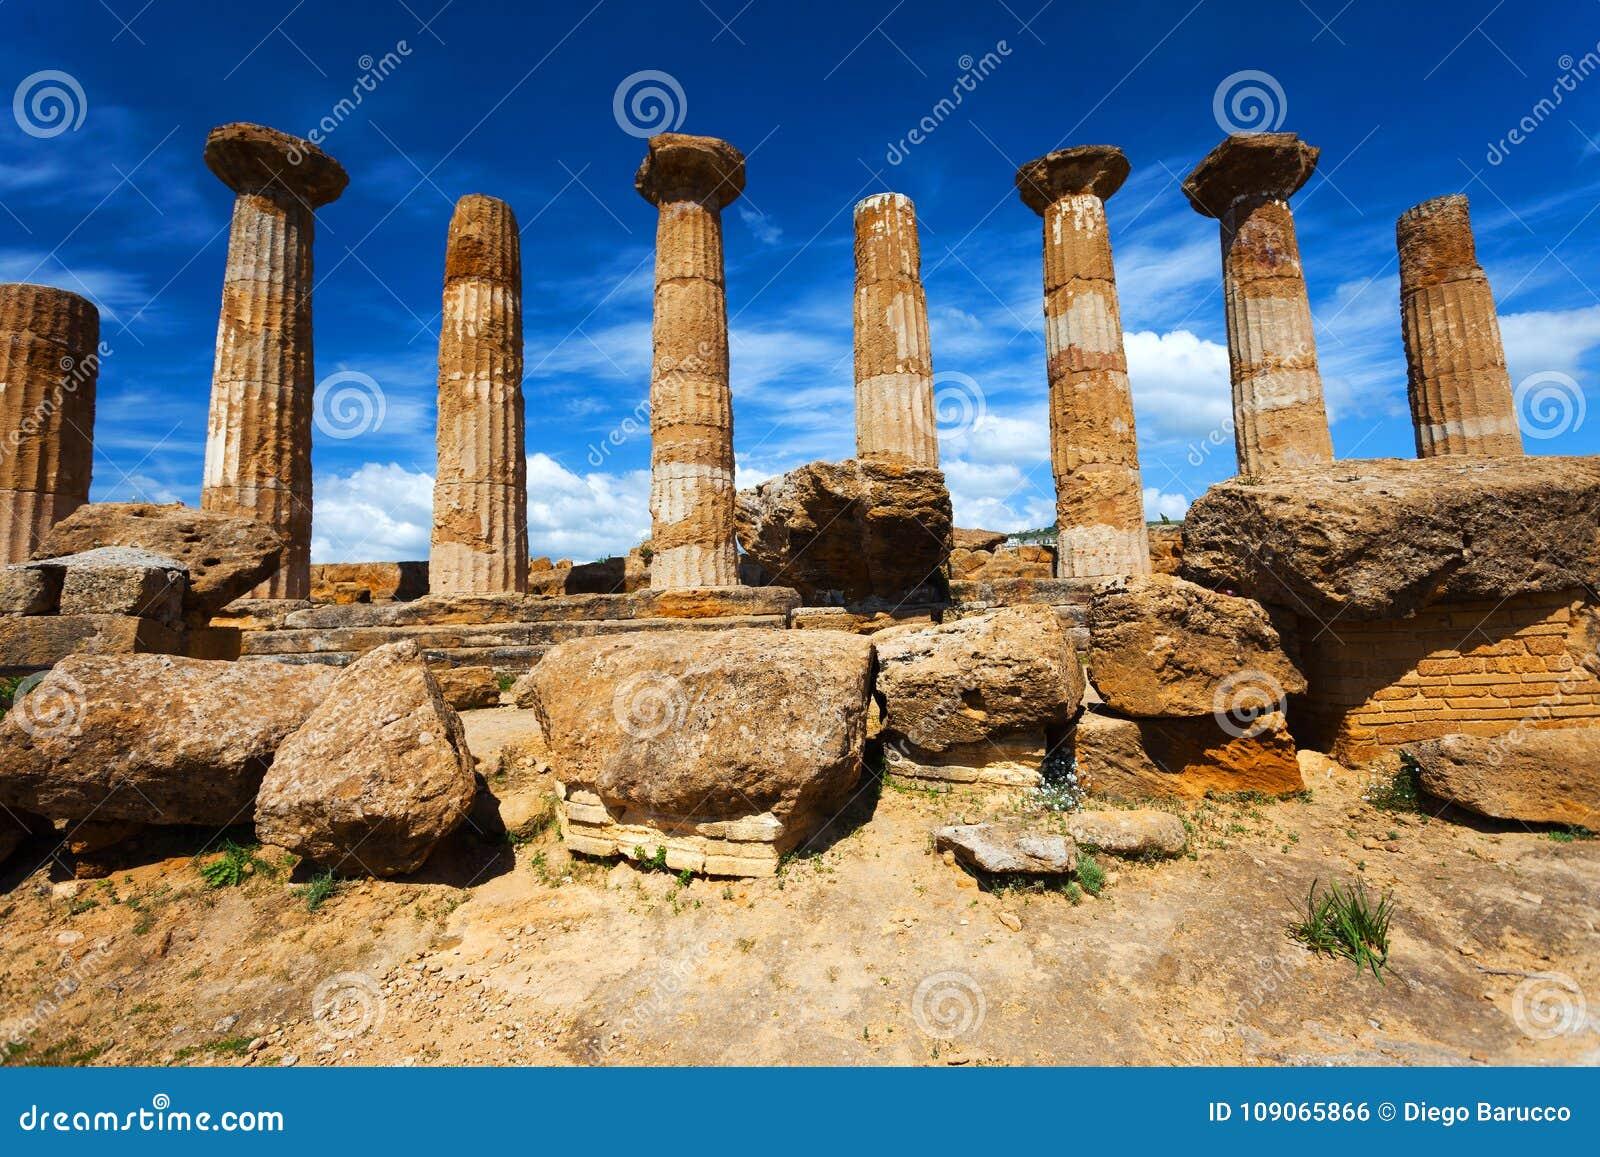 Hercules Temple no parque arqueológico de Agrigento sicília